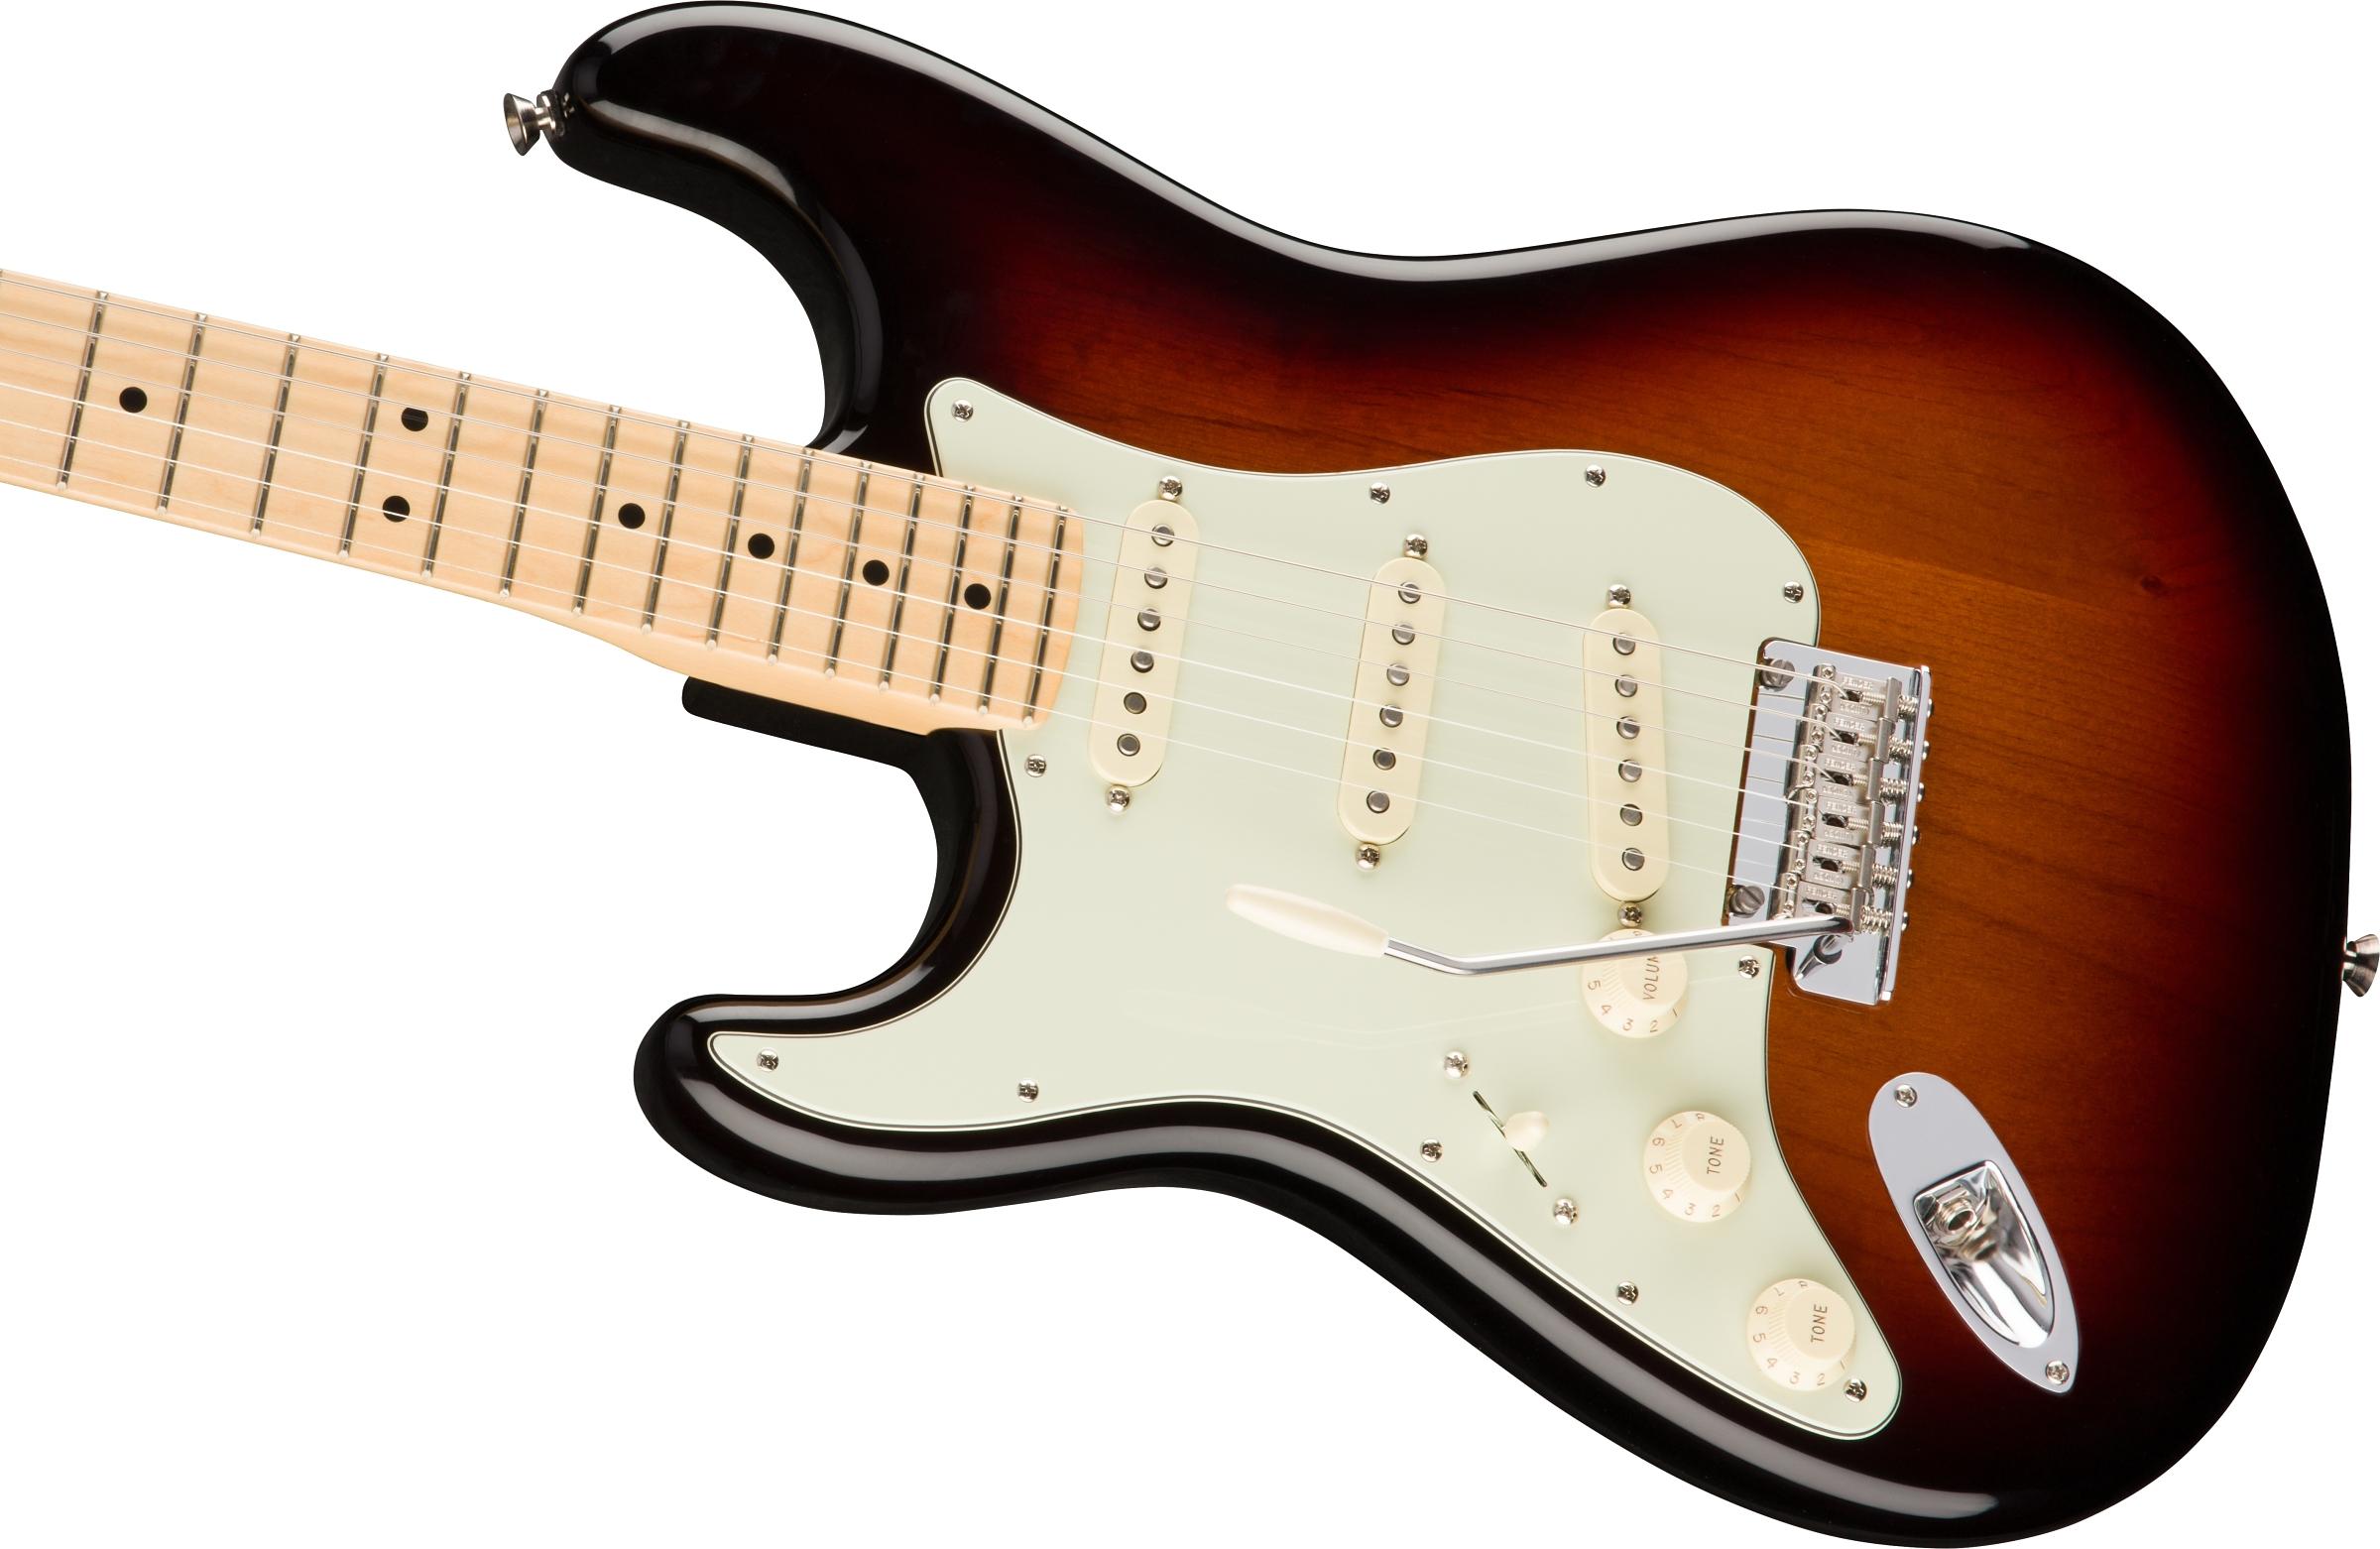 Fender American Pro Stratocaster 174 Left Hand Maple